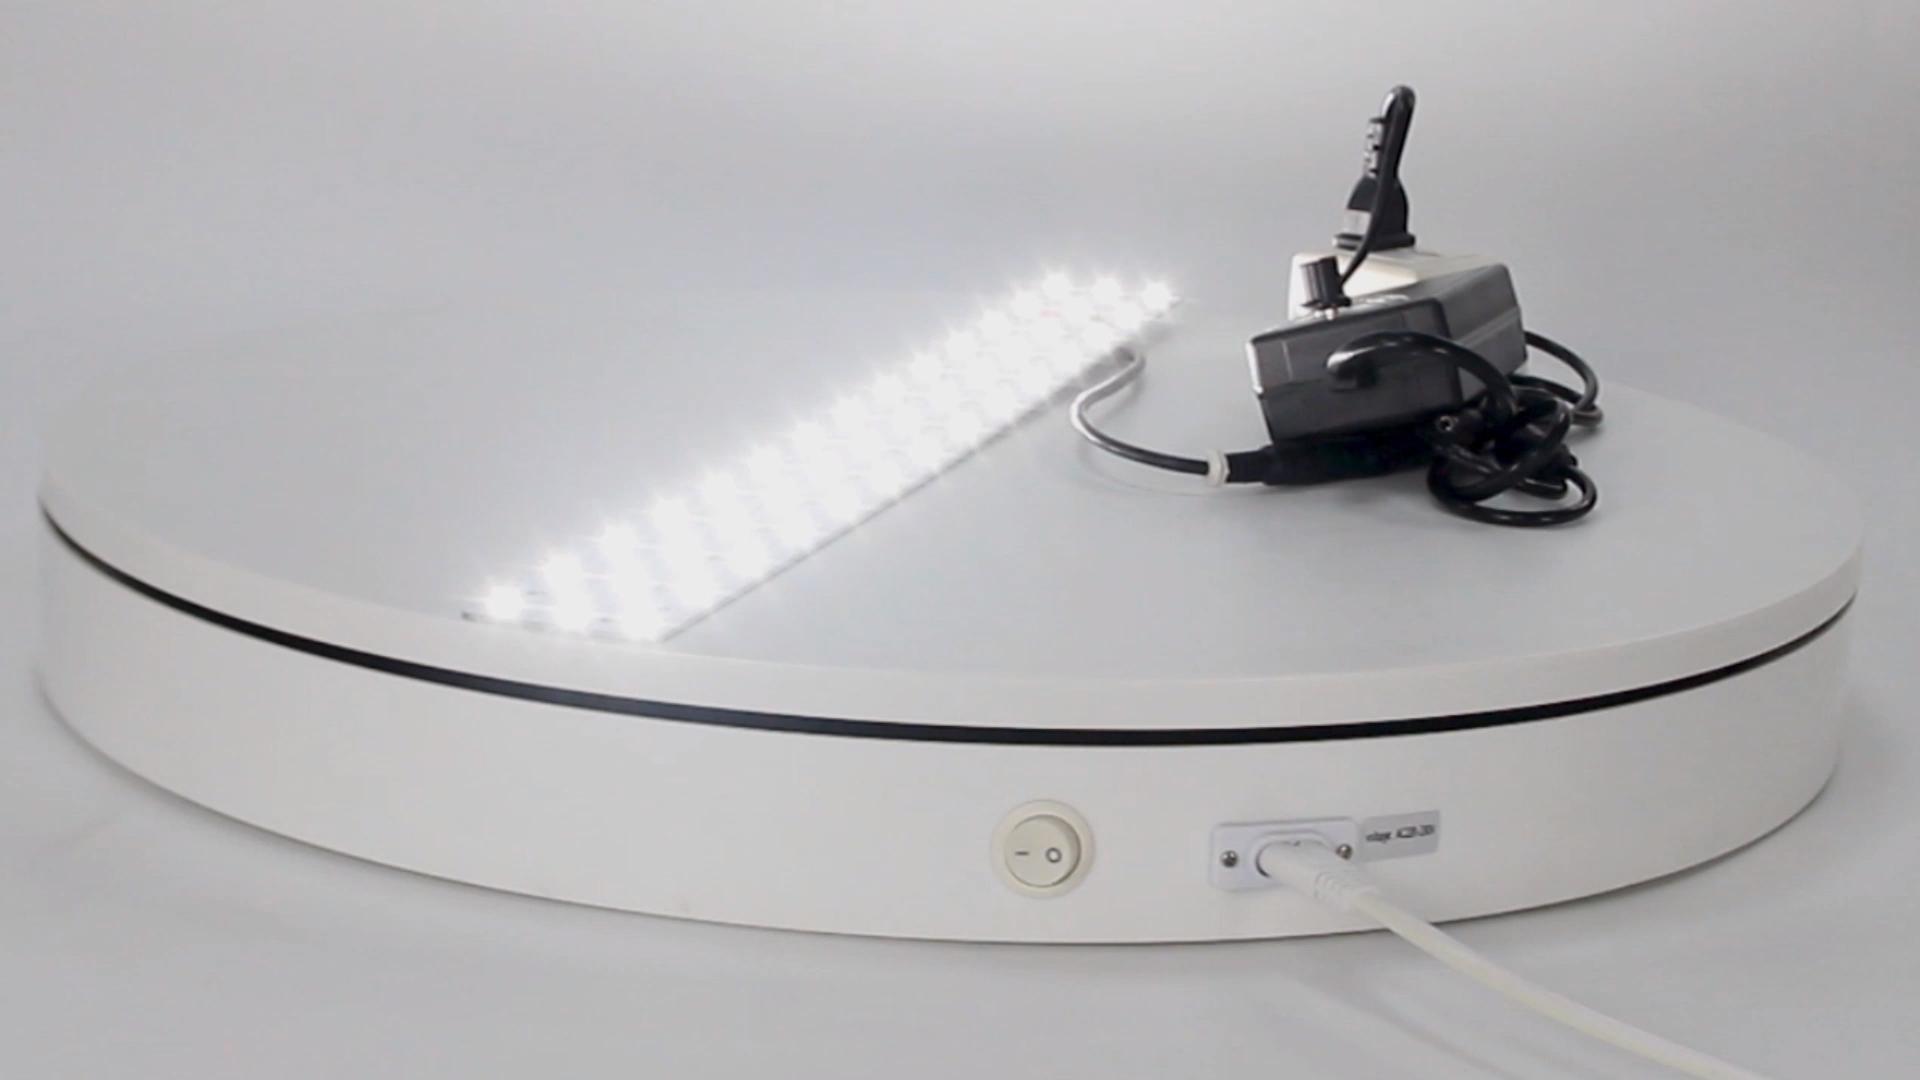 ターンテーブル-bkl 電動ターンテーブル回転床ユニットアウトレット 360 回転スタンド